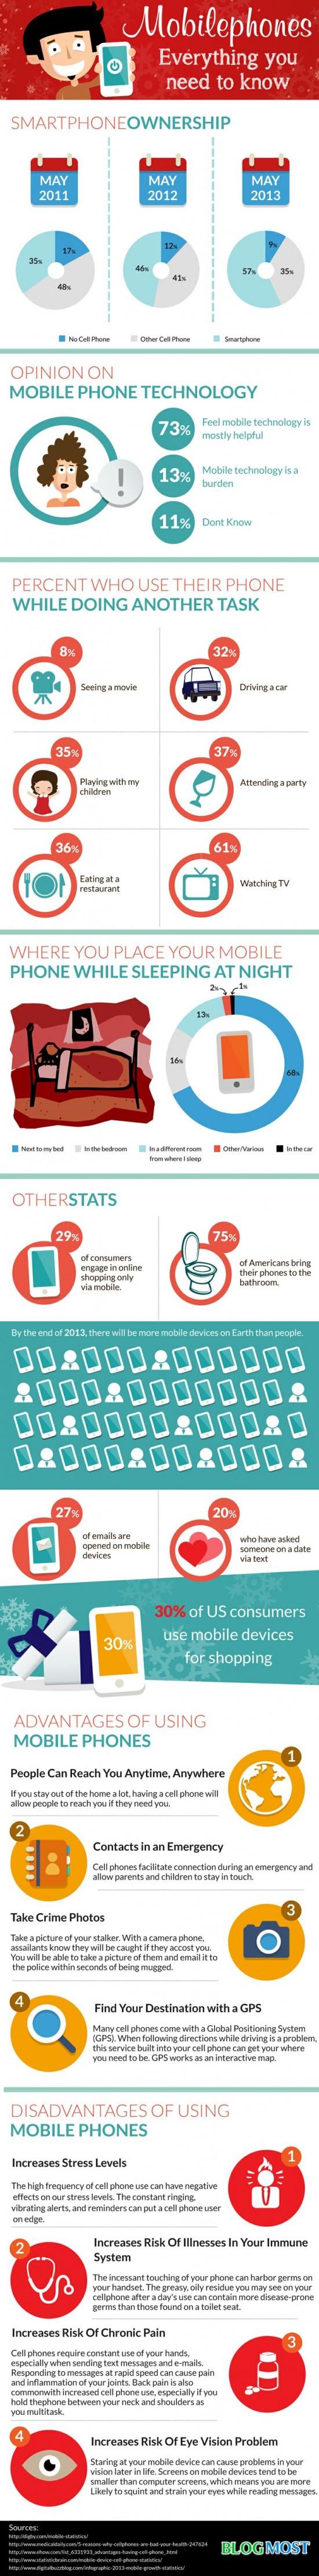 Vse co potrebujete vedet o mobilnich telefonech - infografika